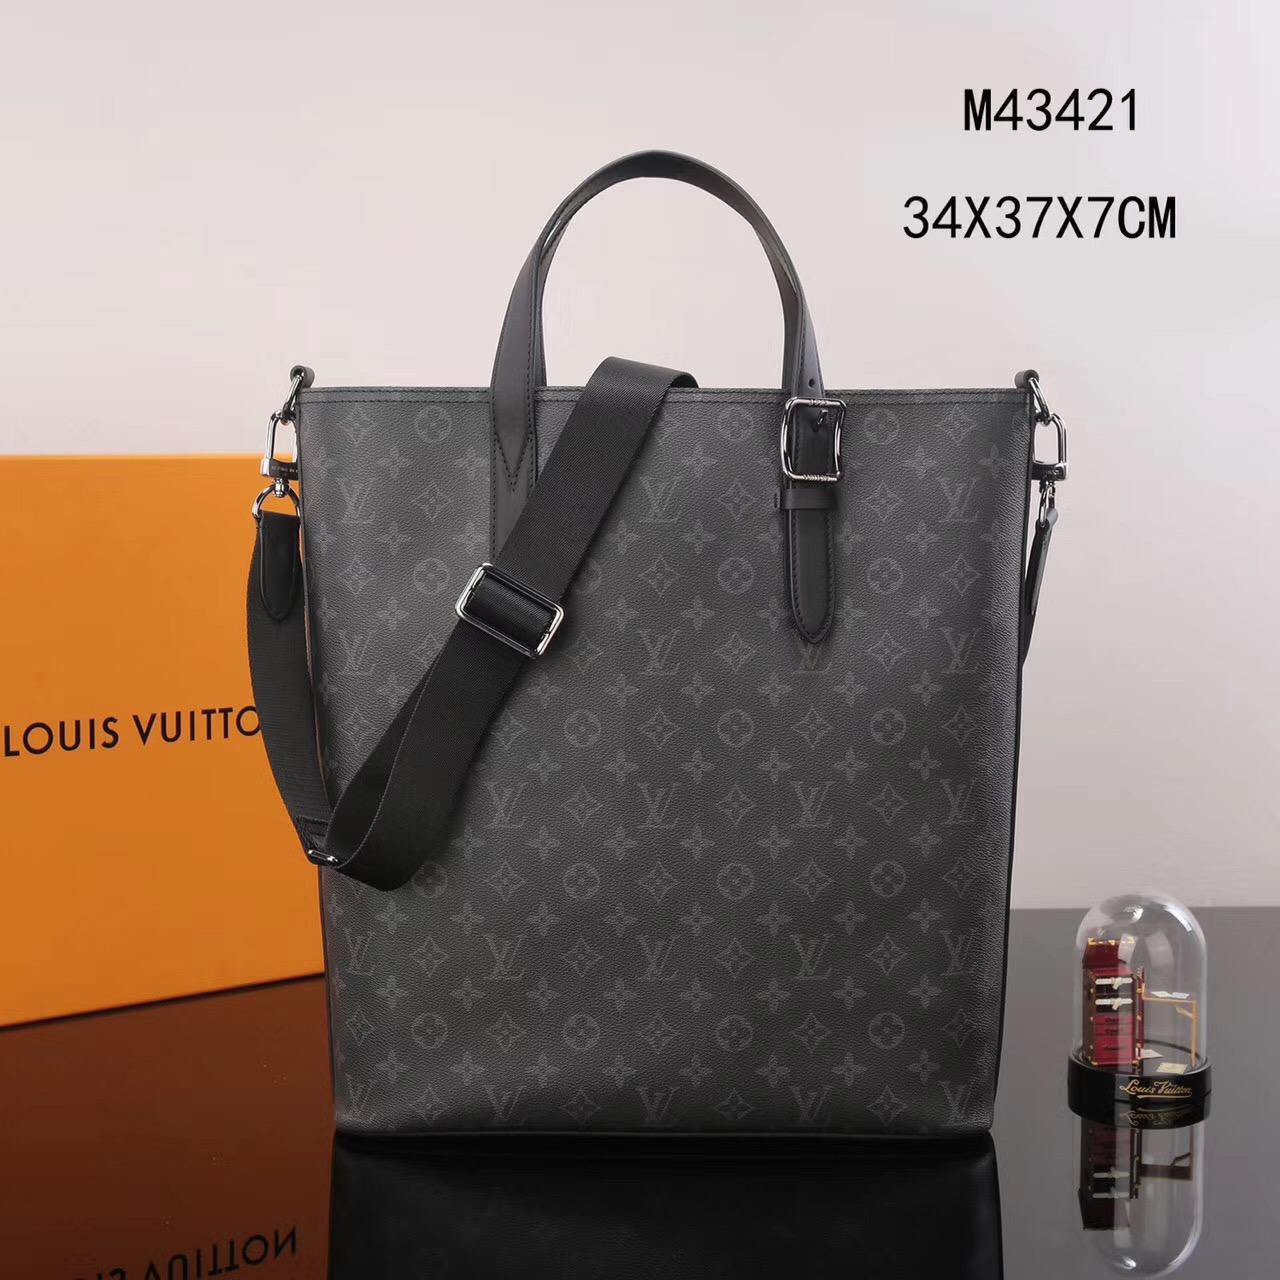 94f920dea69 Men LV Louis Vuitton M43421 Apollo Damier Tote Handbags bags Gray ...